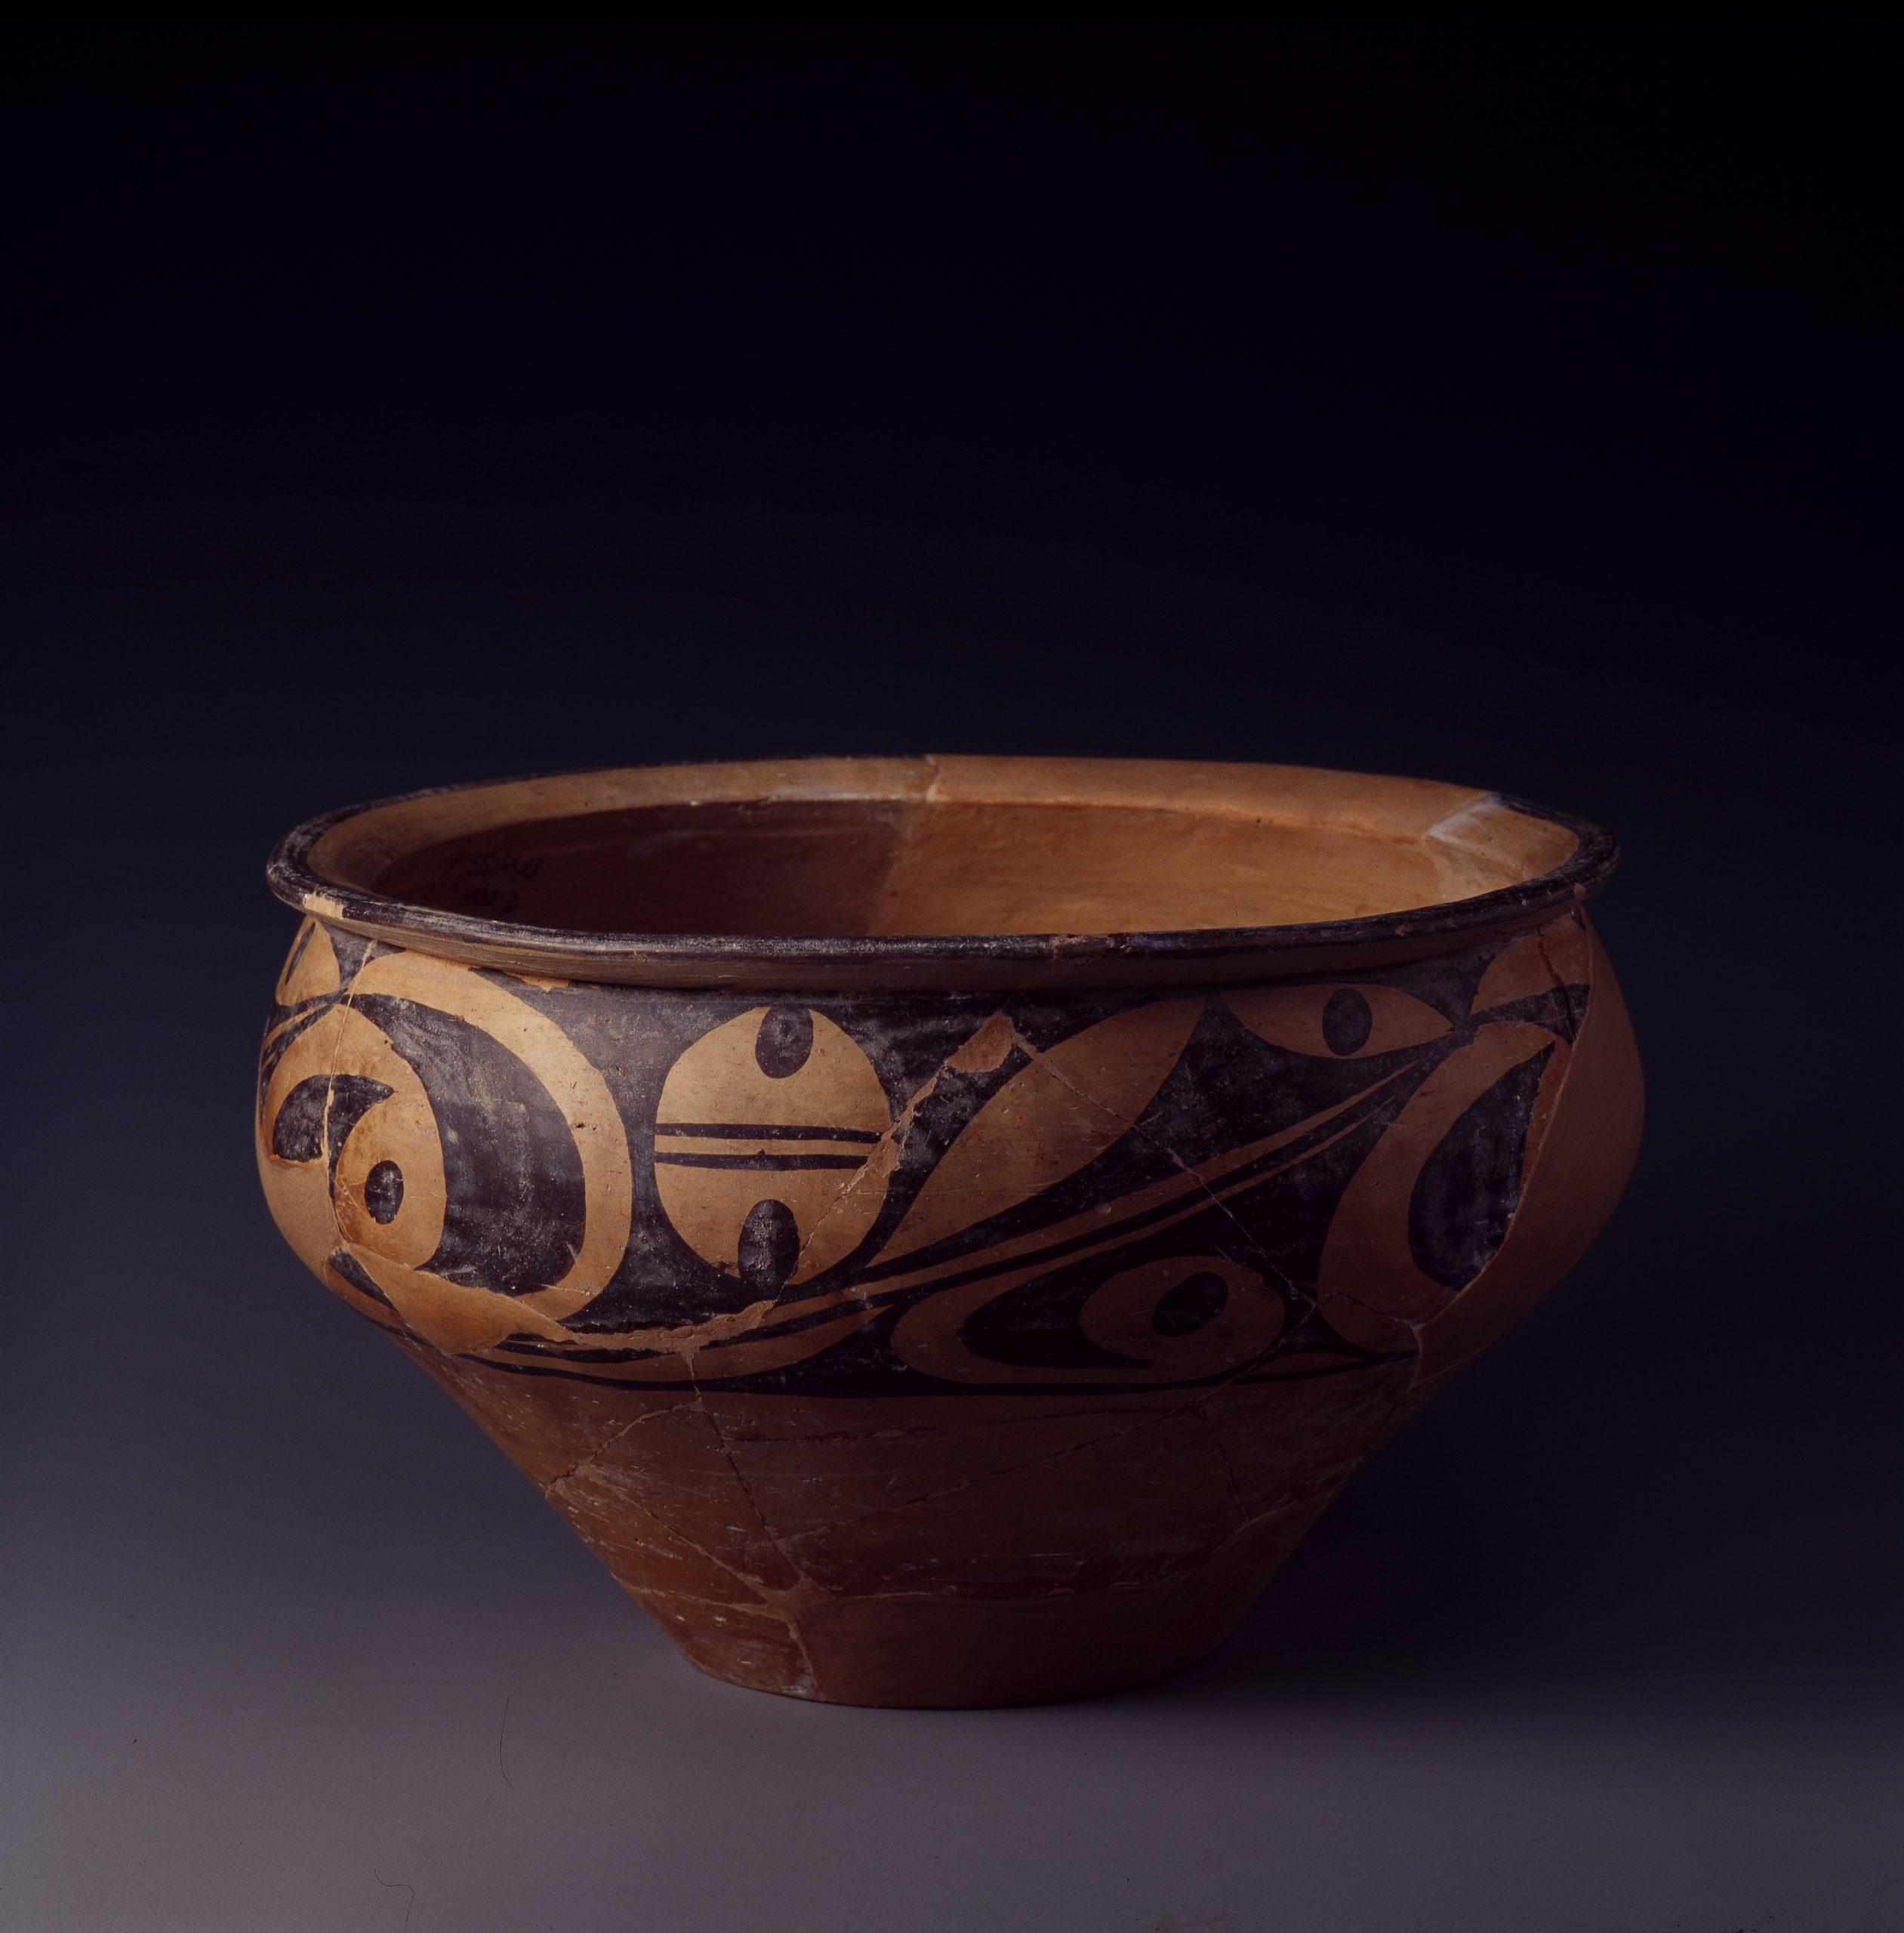 5.彩陶盆 Bassin pen 盆 en poterie peinte à décor polychrome